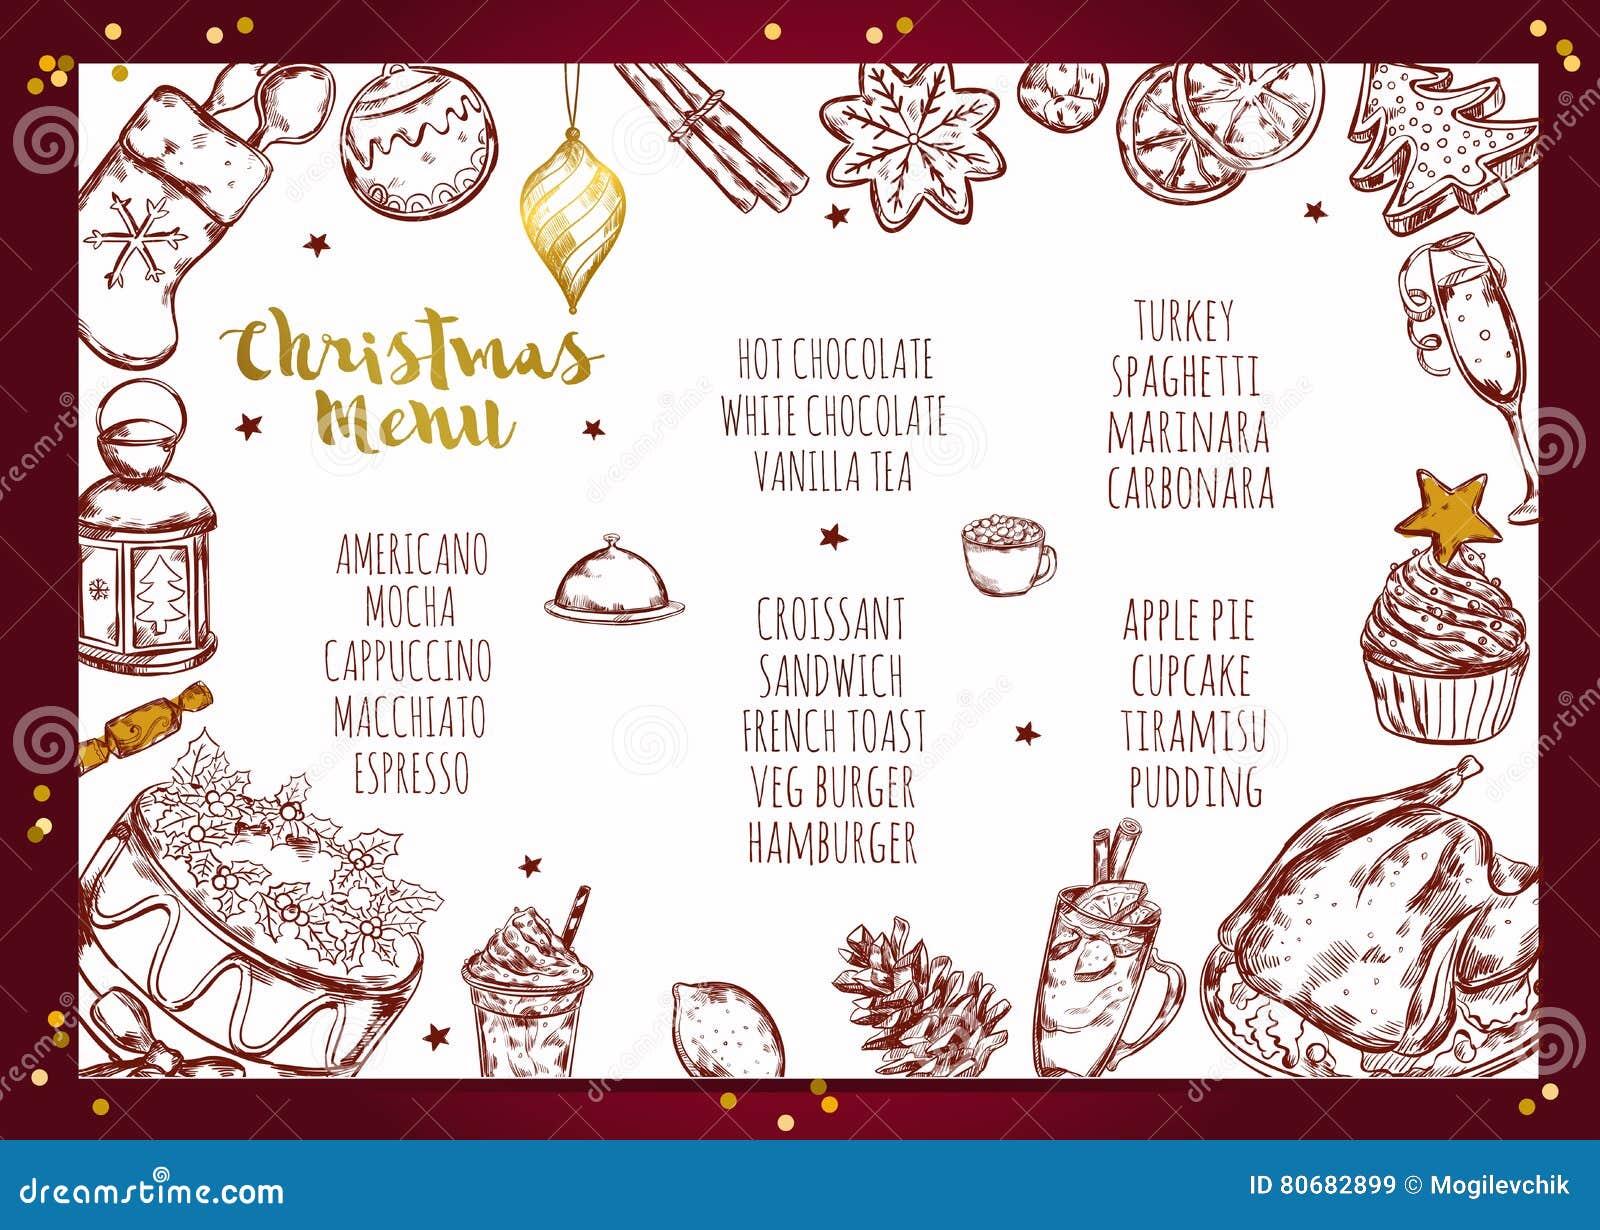 Menu Di Natale Editabile.Progettazione Dell Opuscolo Del Menu Di Natale Illustrazione Vettoriale Illustrazione Di Grafico Background 80682899